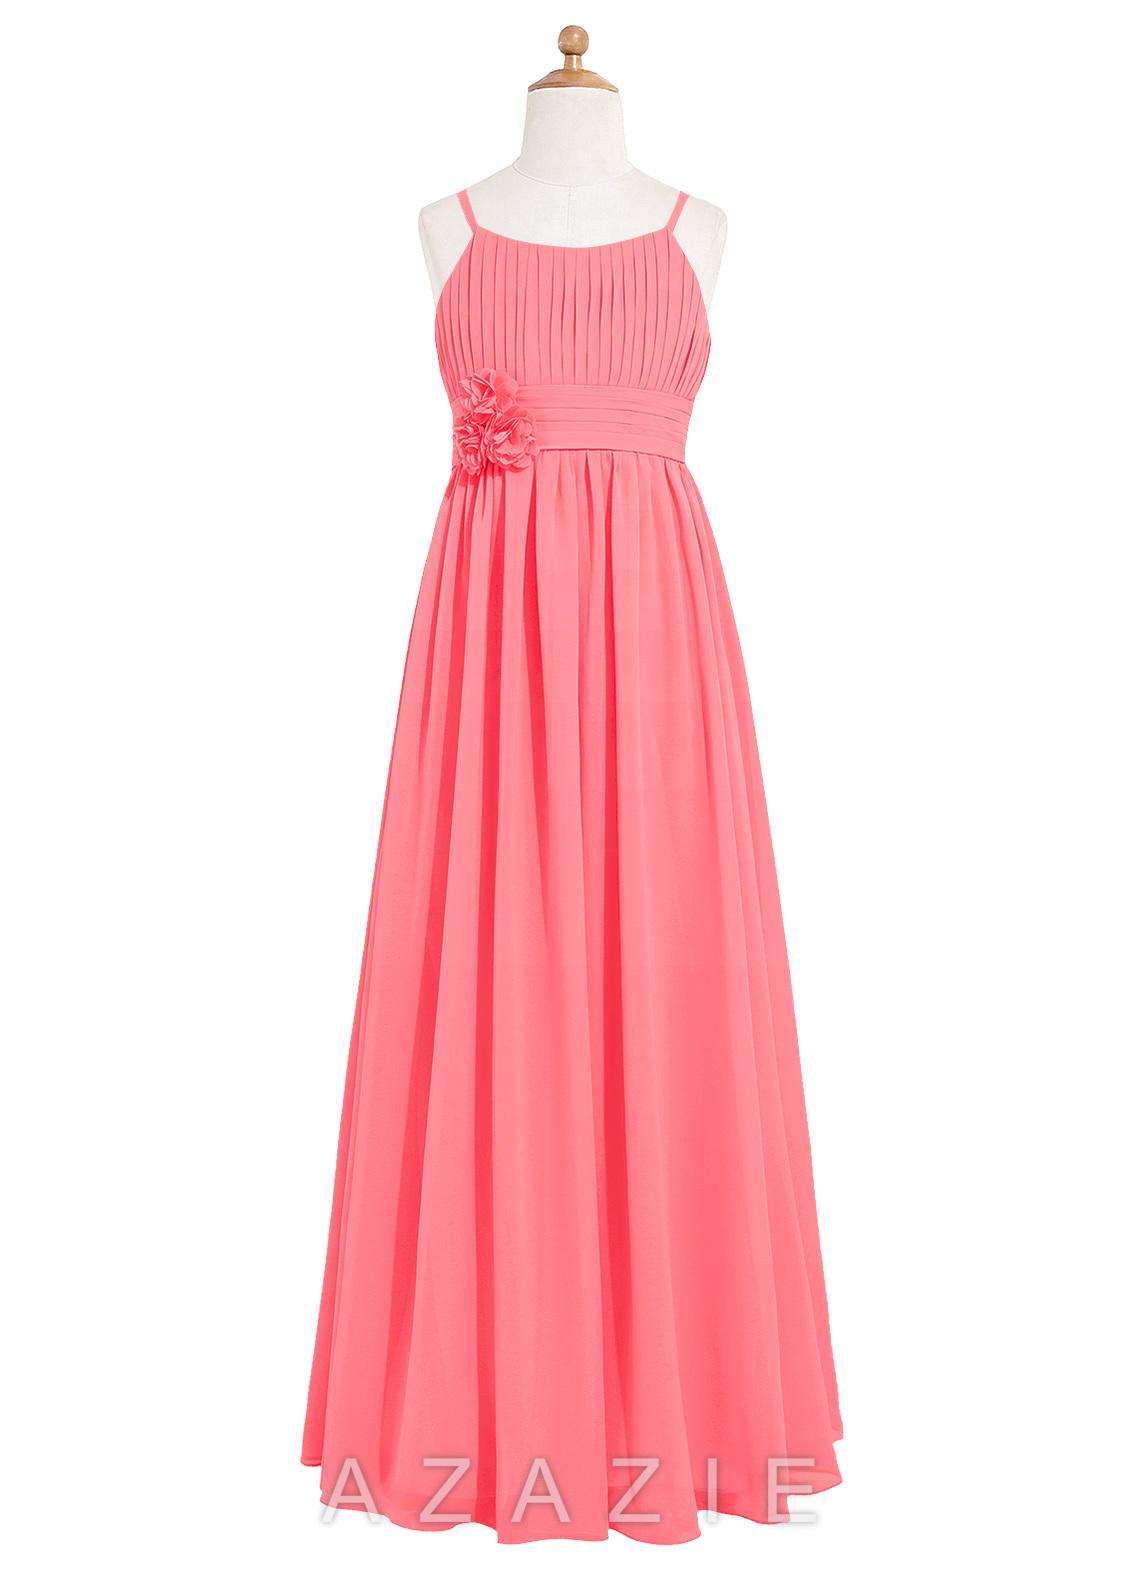 Azazie Astrid JBD Junior Bridesmaid Dress | Azazie